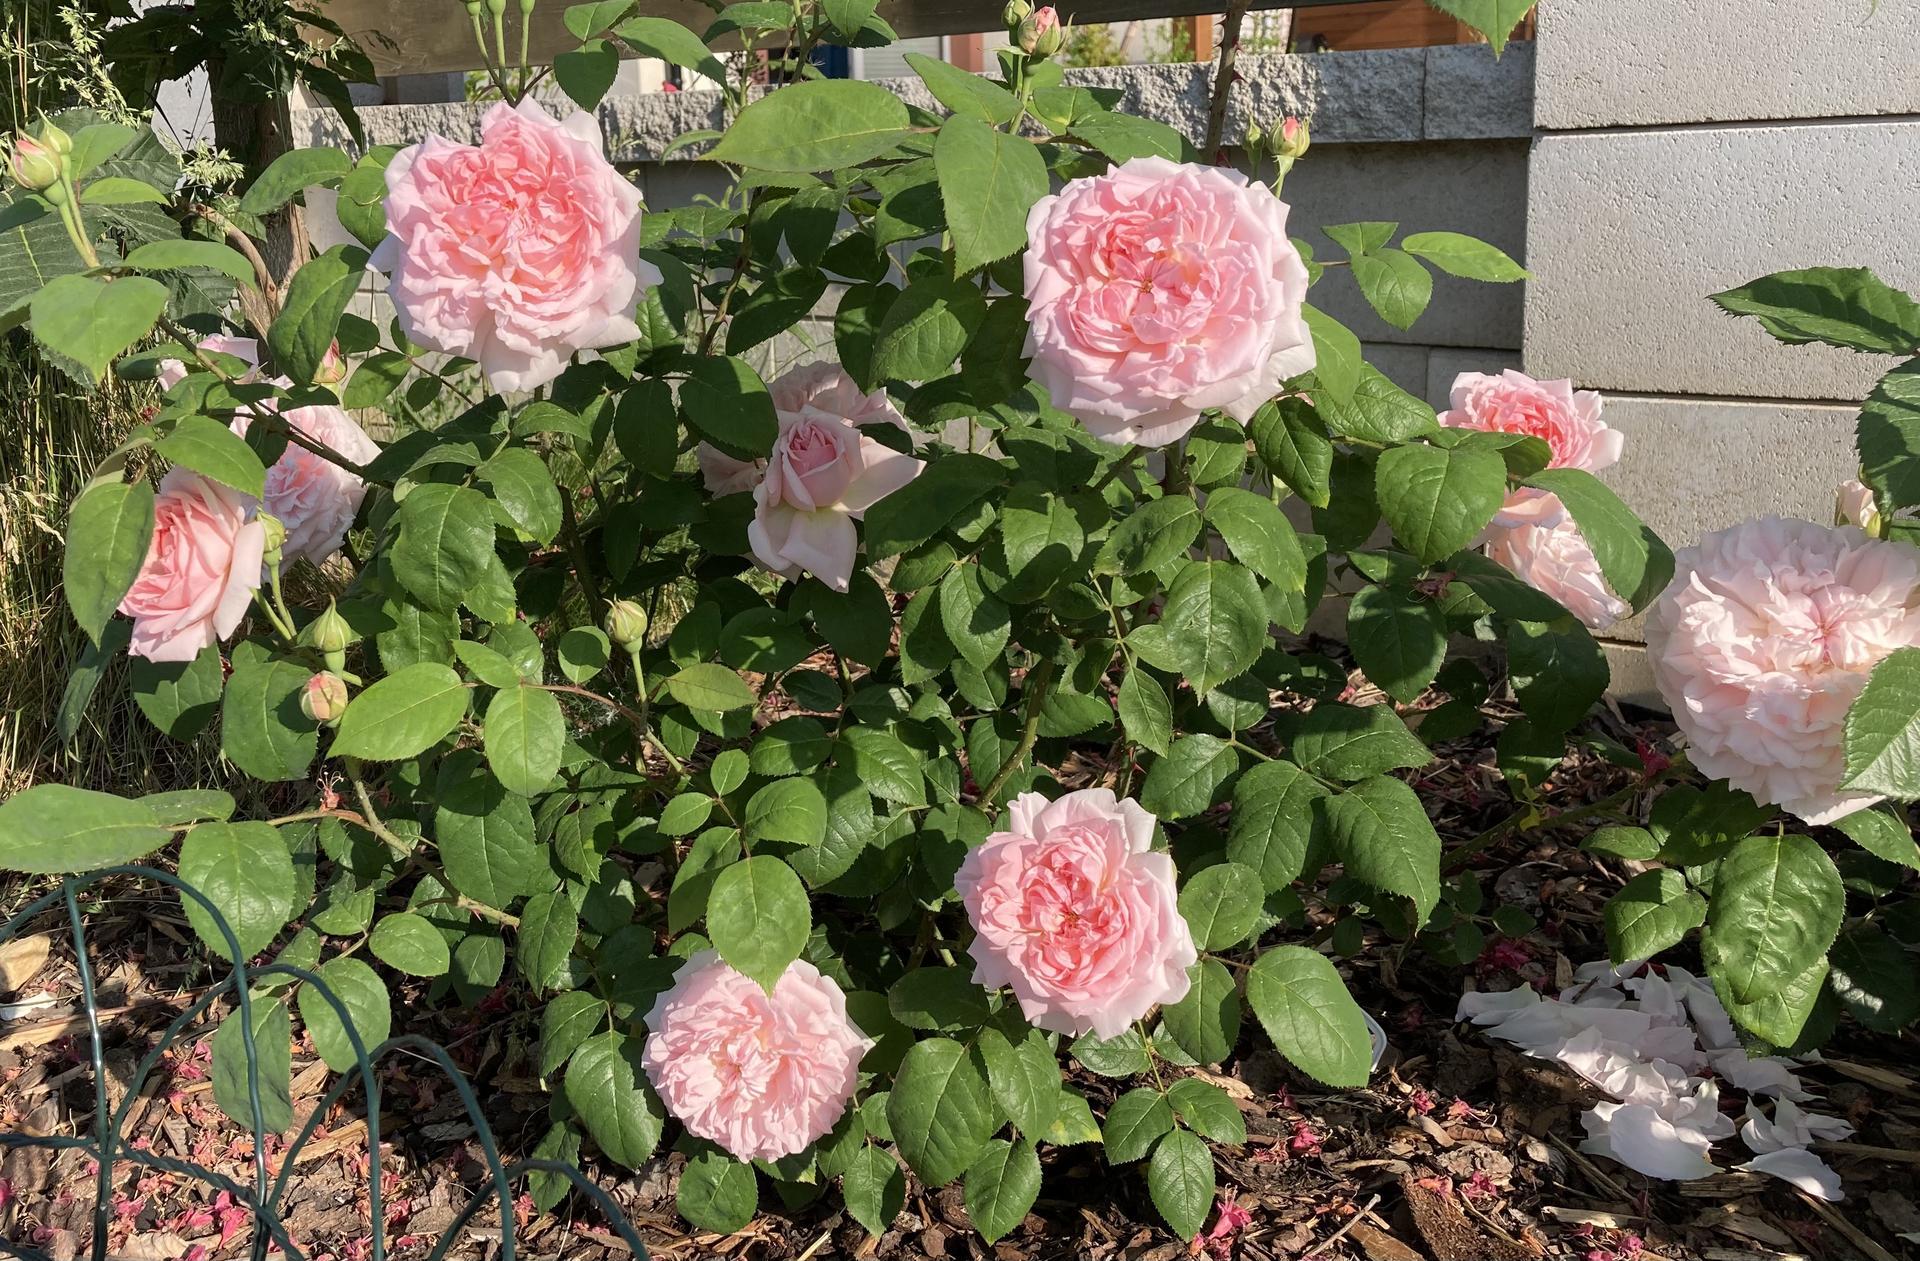 Zahrada 2021 - Eglantyne, taky novacek v zahrade, a letos uplne prvni rozkvetla ruze👍!